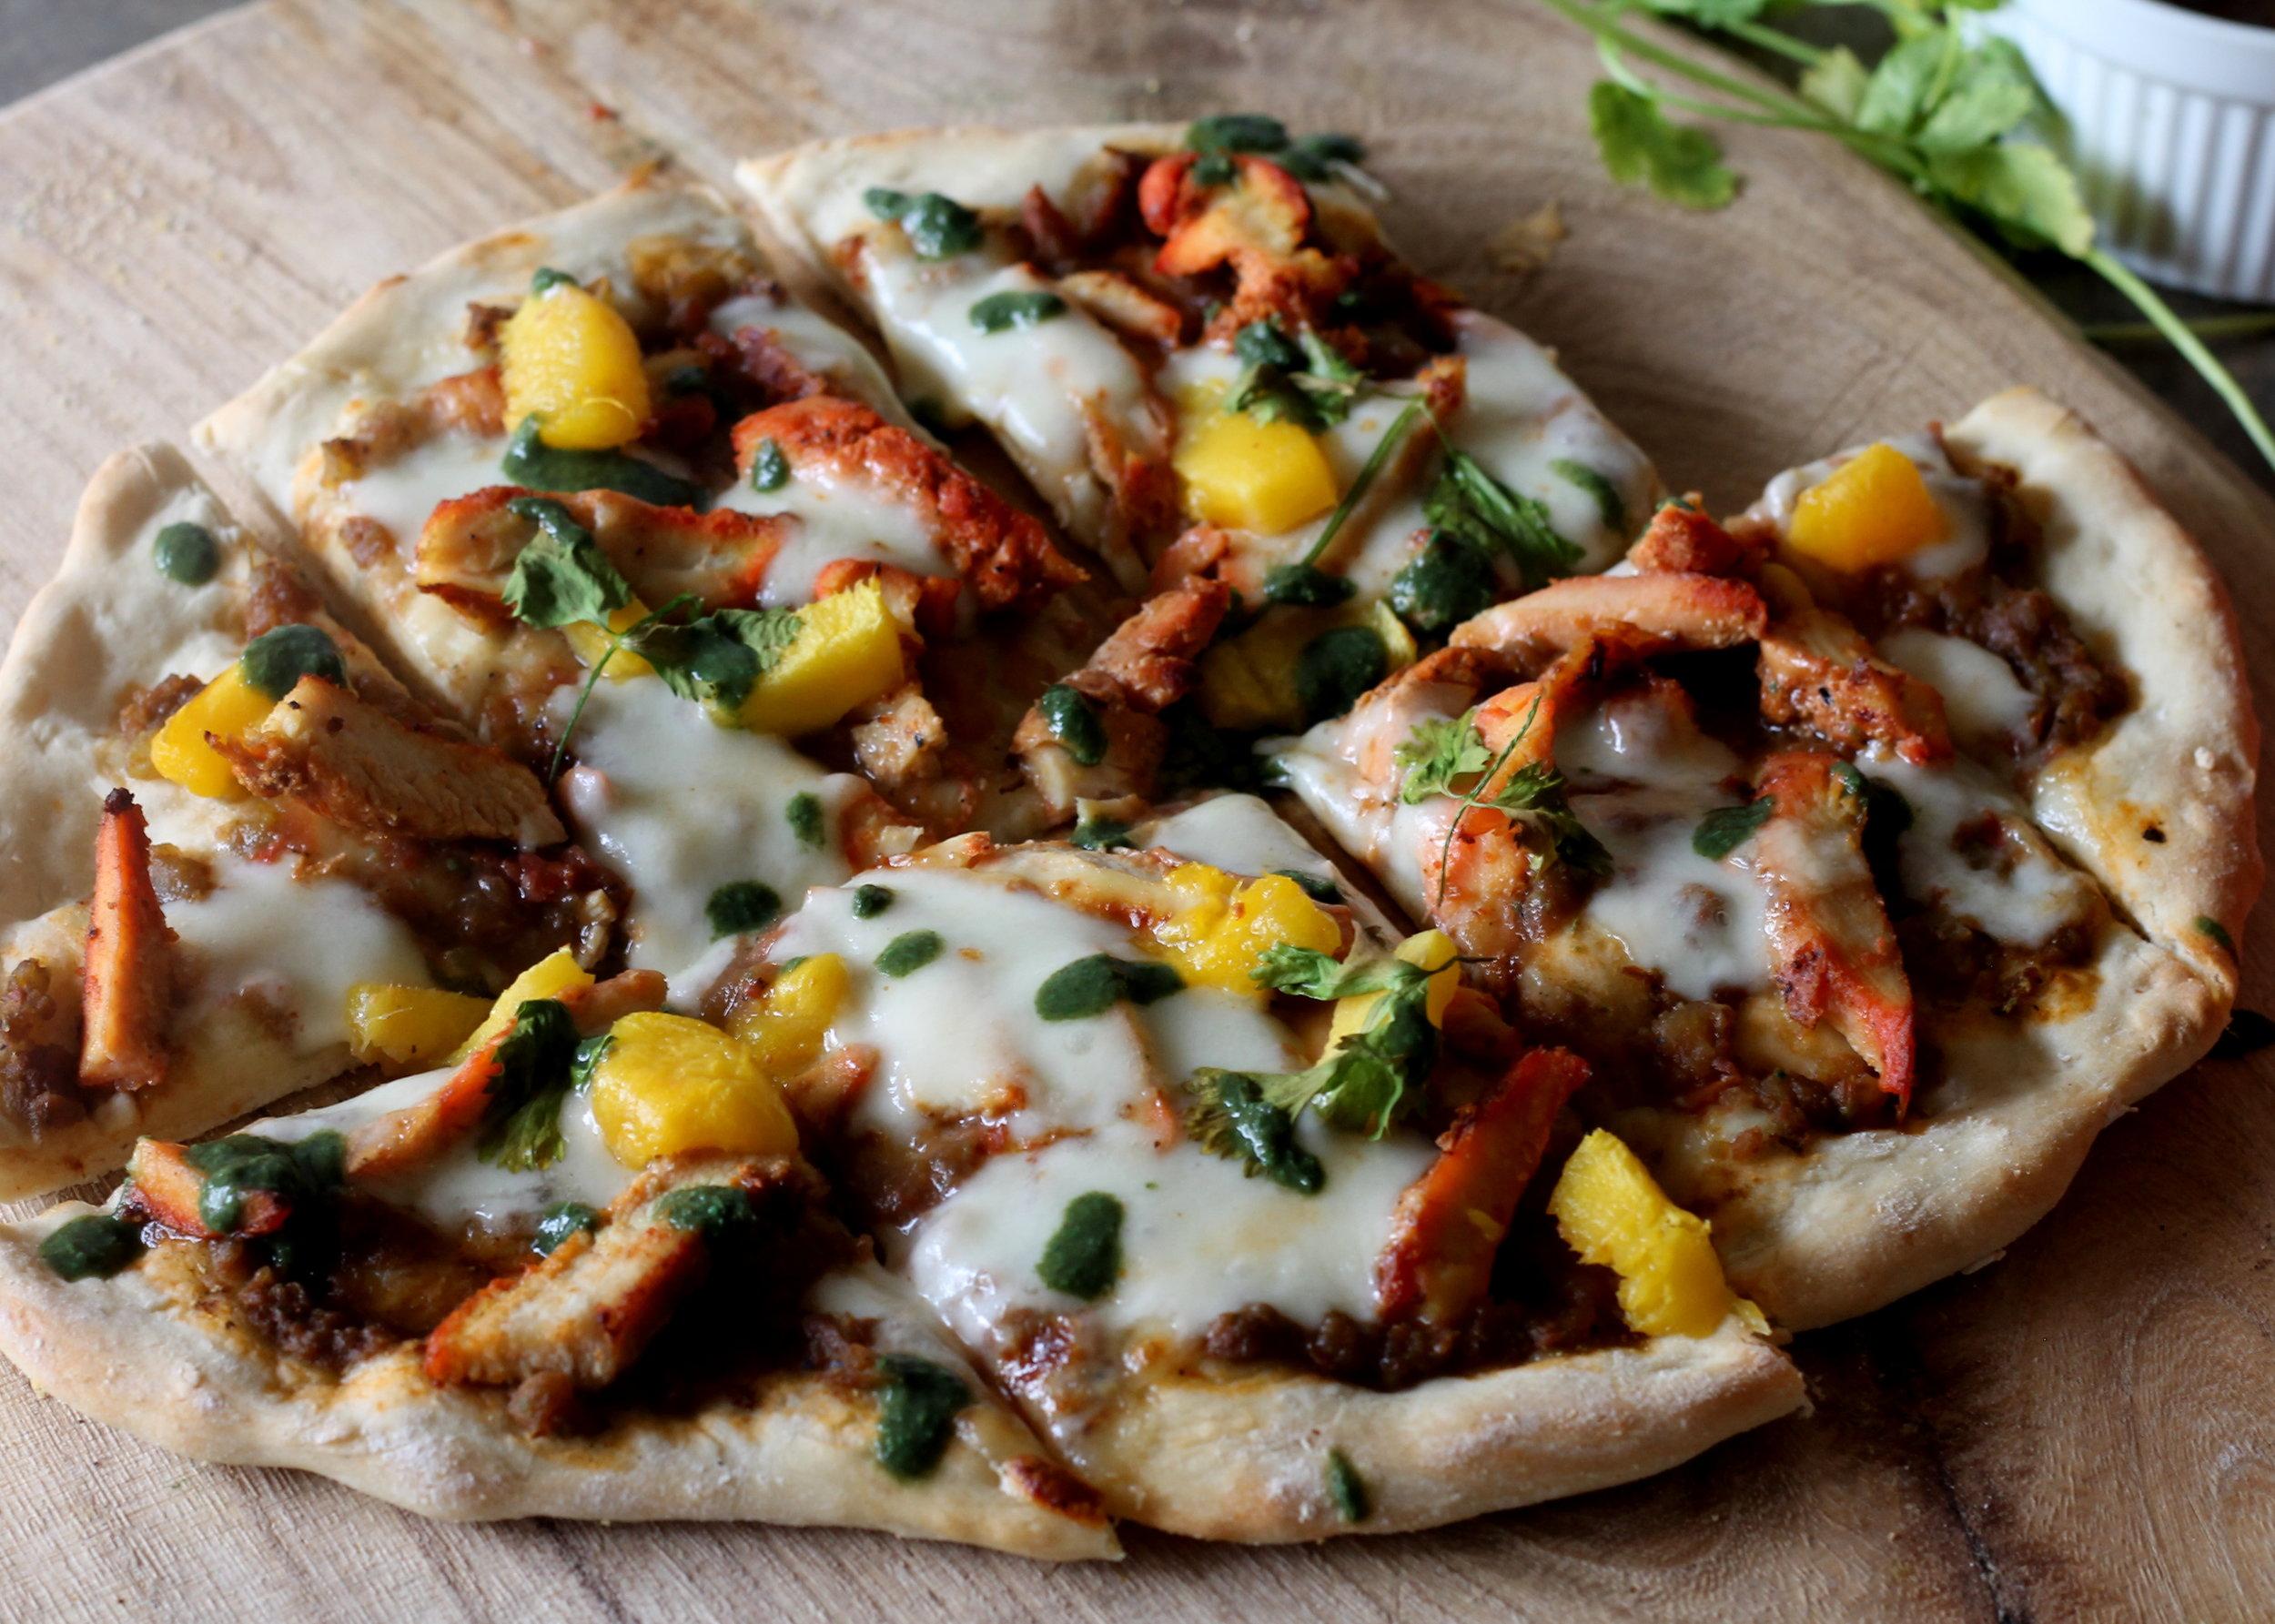 Chickentandoorimangopizza1